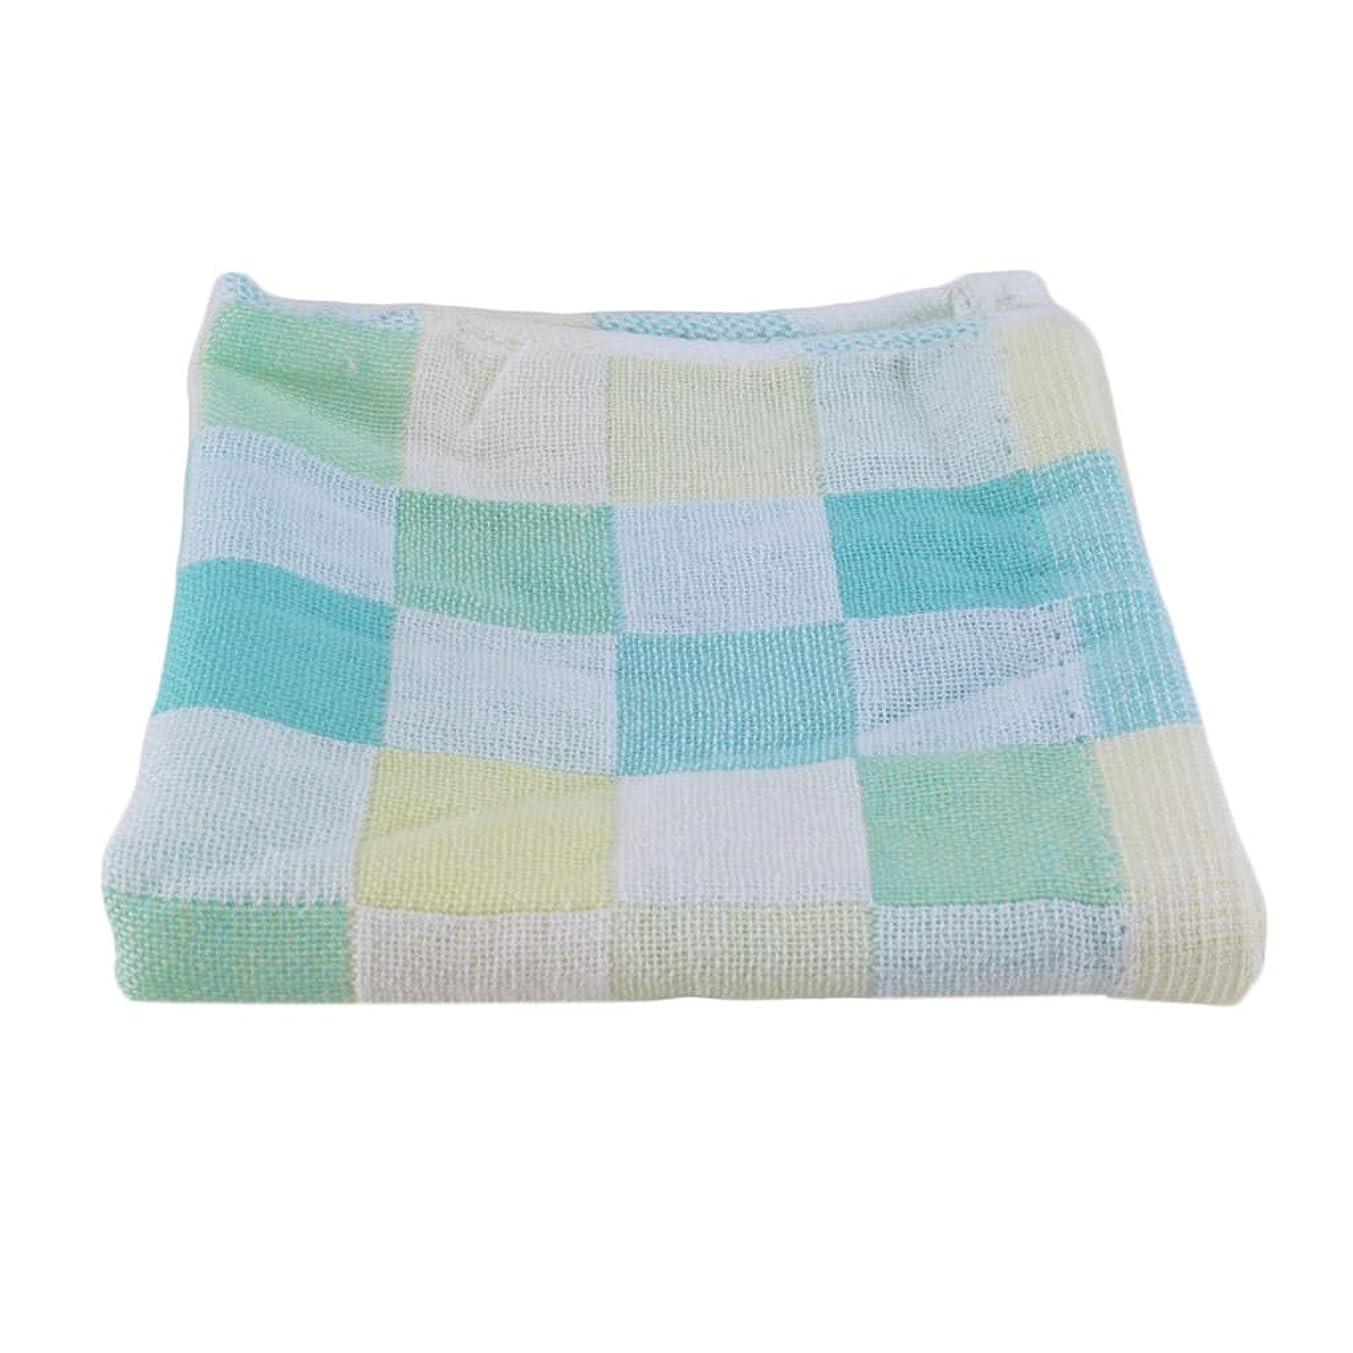 スピンスキル寛大さMaxcrestas - 28*28cm Square Towels Cotton gauze Plaid Towel Kids Bibs Daily Use Hand Face Towels for Kids